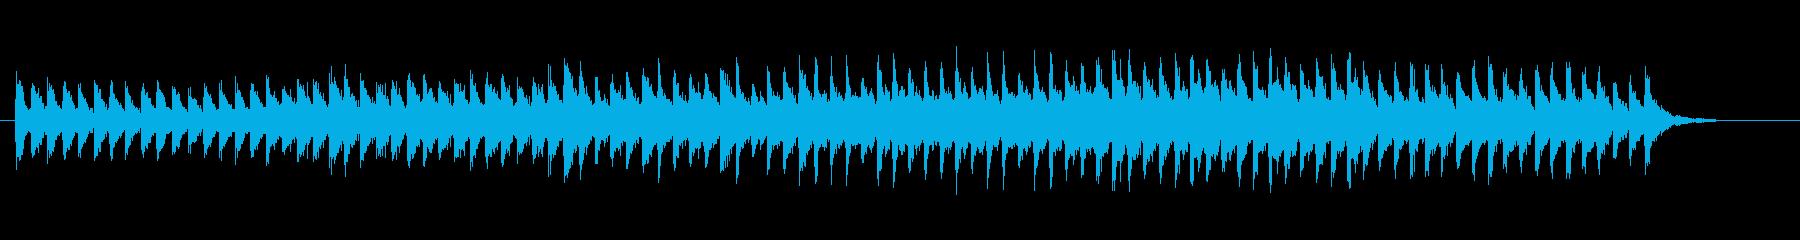 ピアノの音だけで作られた神秘的な環境音楽の再生済みの波形